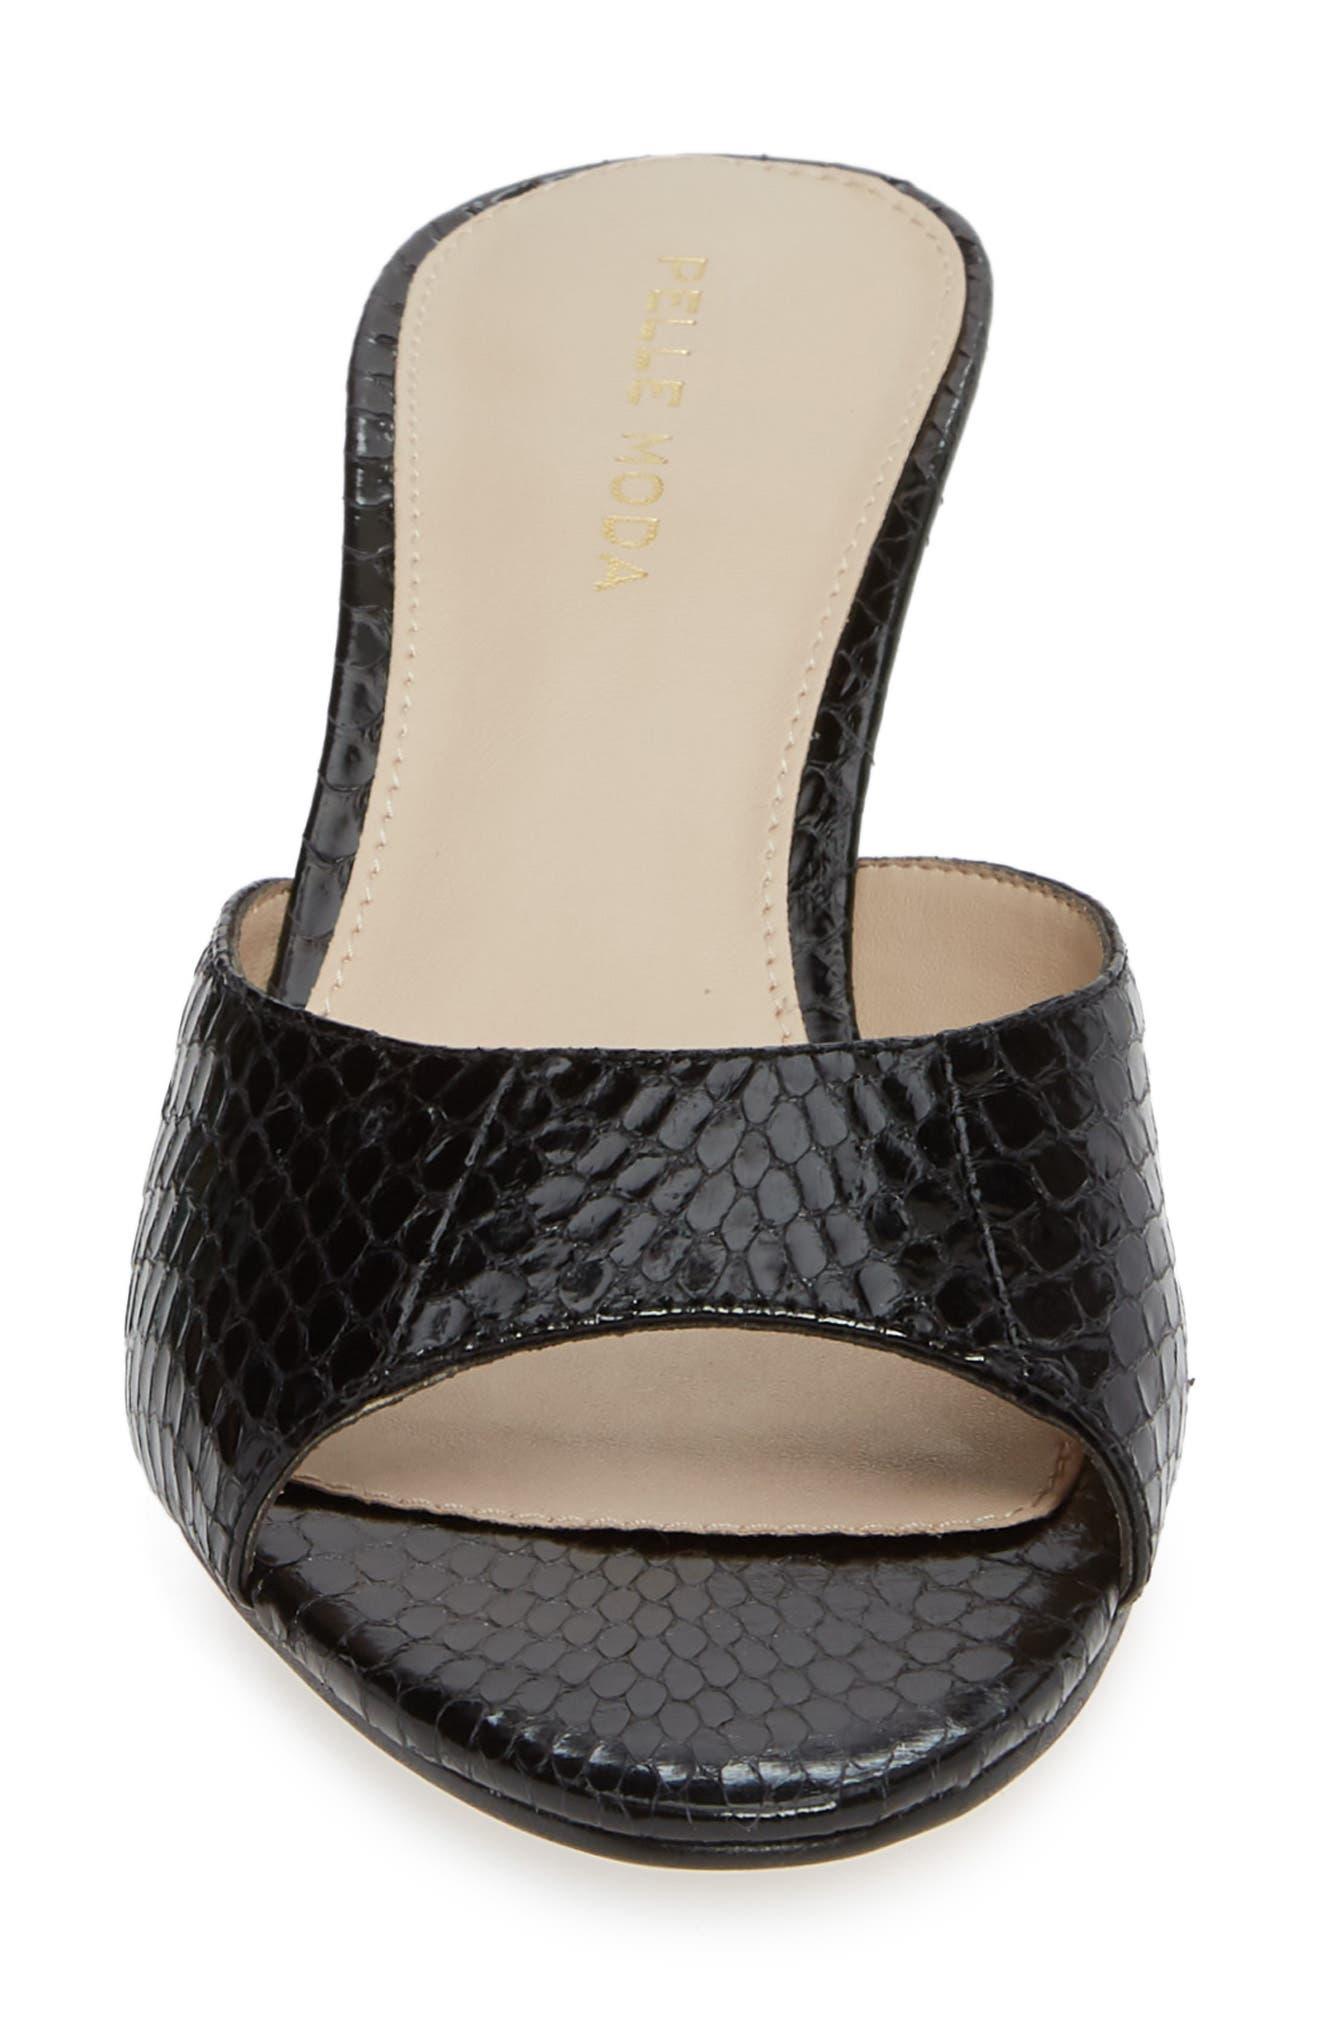 Bex Kitten Heel Slide Sandal,                             Alternate thumbnail 4, color,                             BLACK PRINT LEATHER